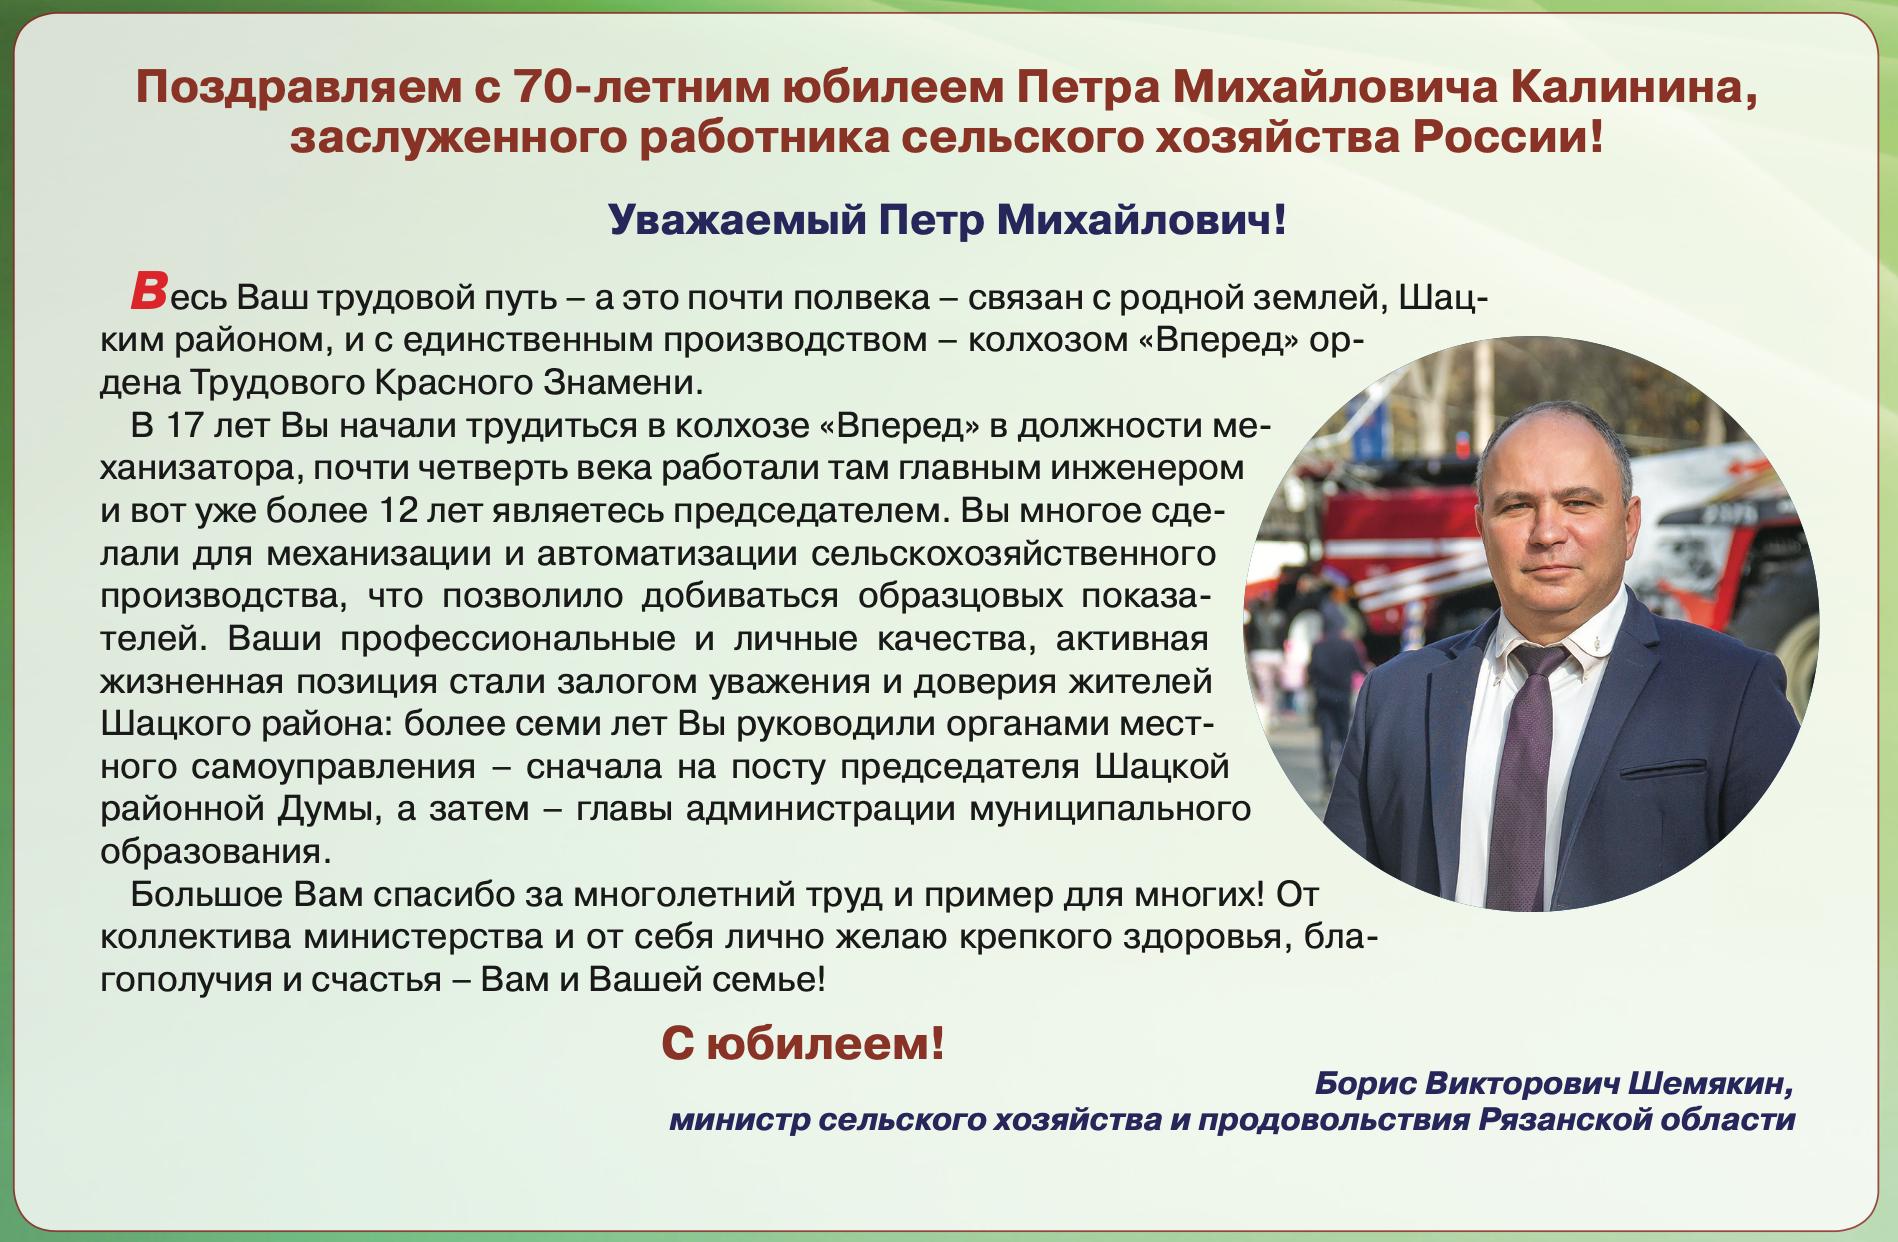 Поздравляем с 70-летним юбилеем Петра Михайловича Калинина, заслуженного работника сельского хозяйства России!